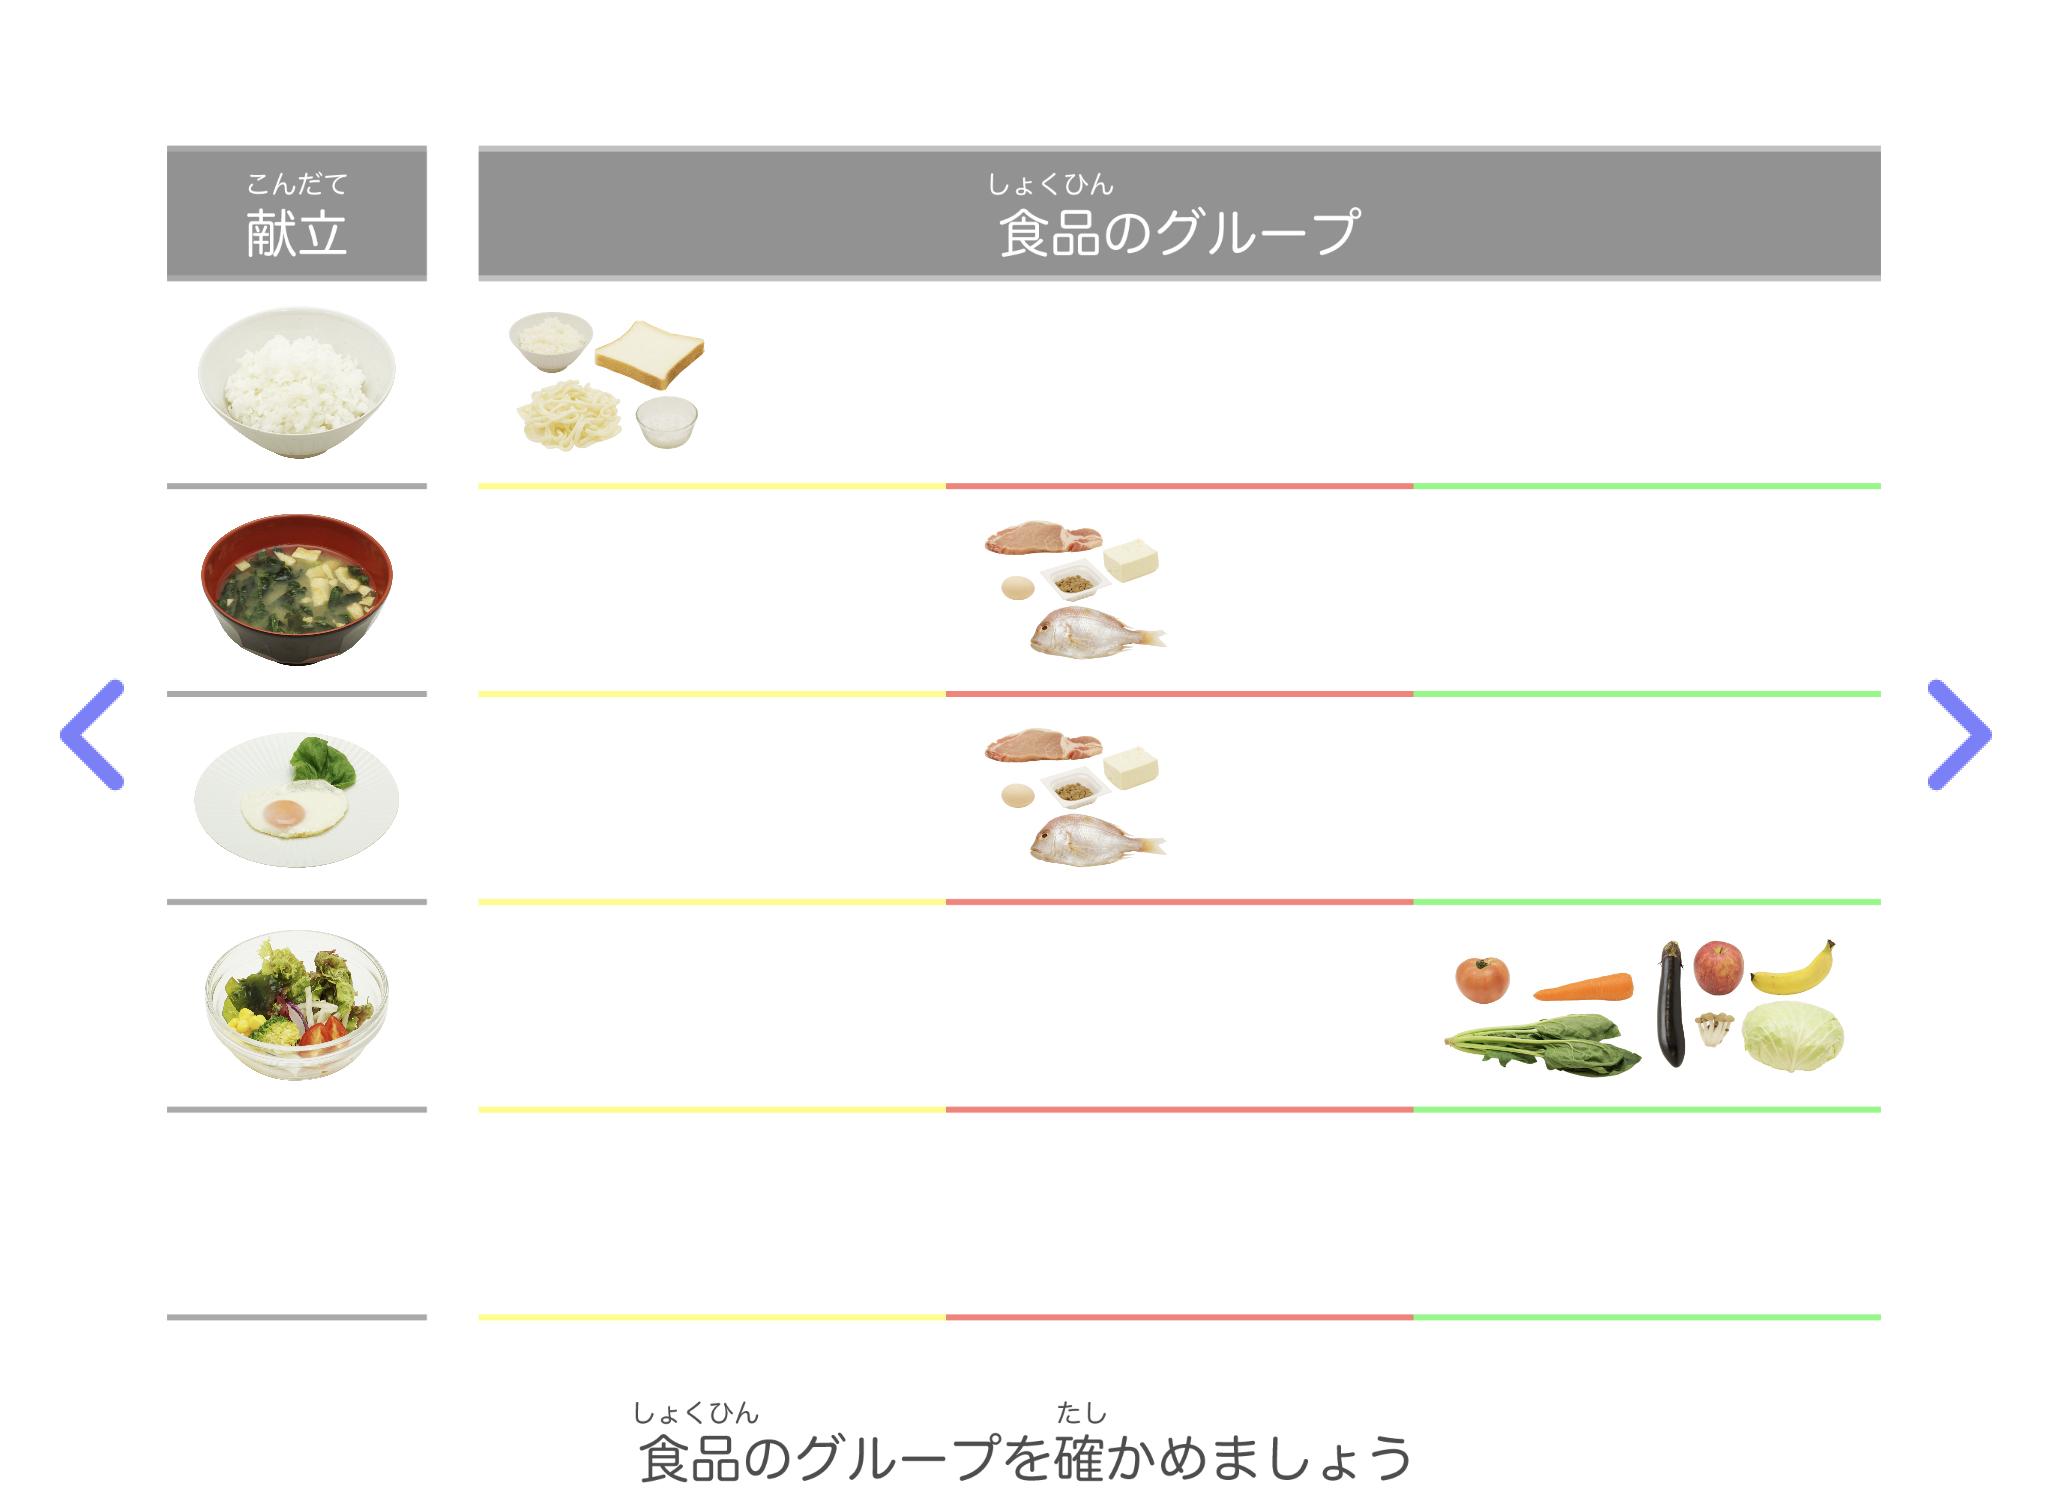 【アプリ:「食育の授業〜朝ごはん編〜」「食育の時間〜おやつ編〜」】食育(栄養バランス、間食について)